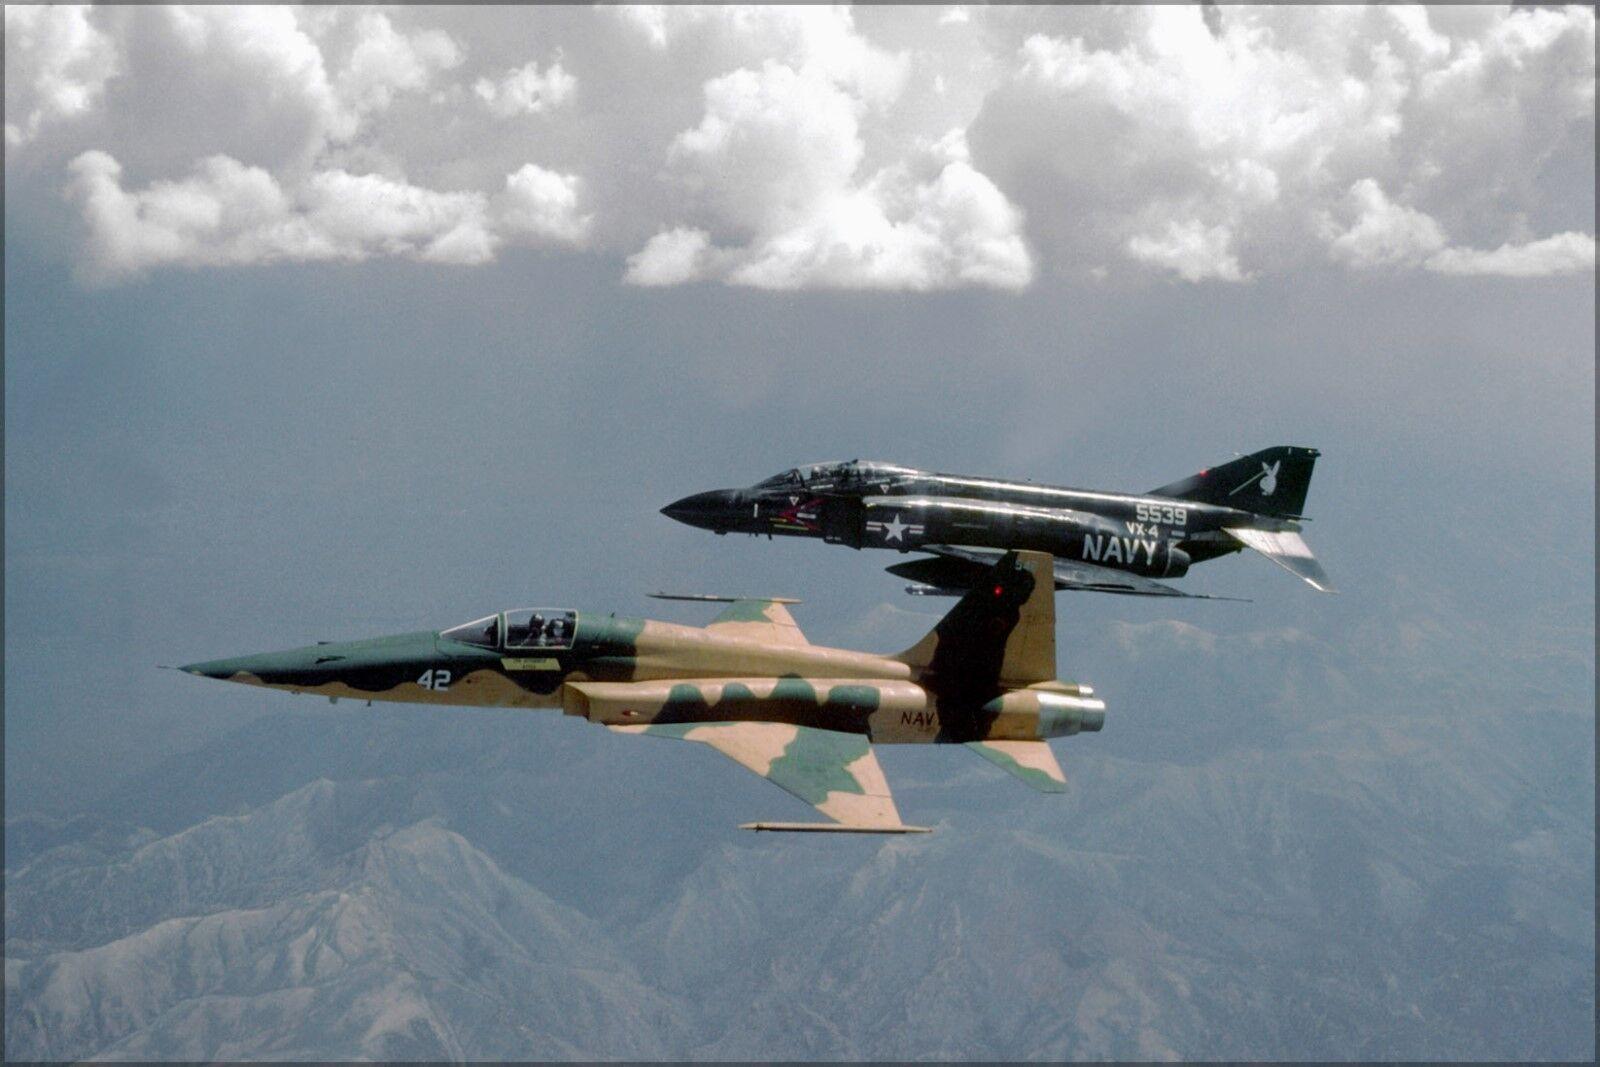 Poster, Molte Molte Molte Misure; F-5e Tiger II F-5 Top Gun F-4S Phantom F-4 Vx-4 Evaluator e27188